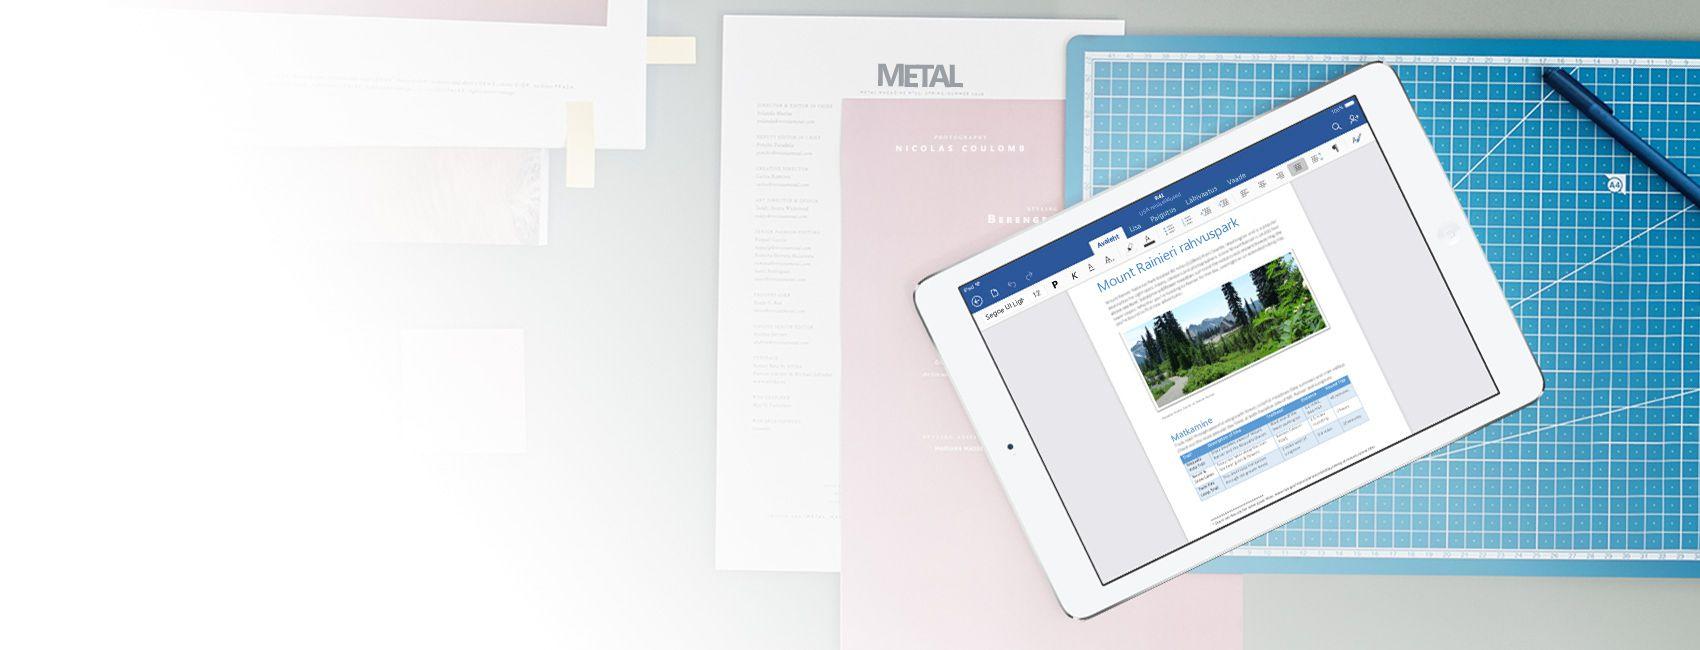 iPad, mille ekraanil on iOS-ile ette nähtud Wordi rakenduses avatud Wordi dokument Mount Rainier' rahvuspargi kohta